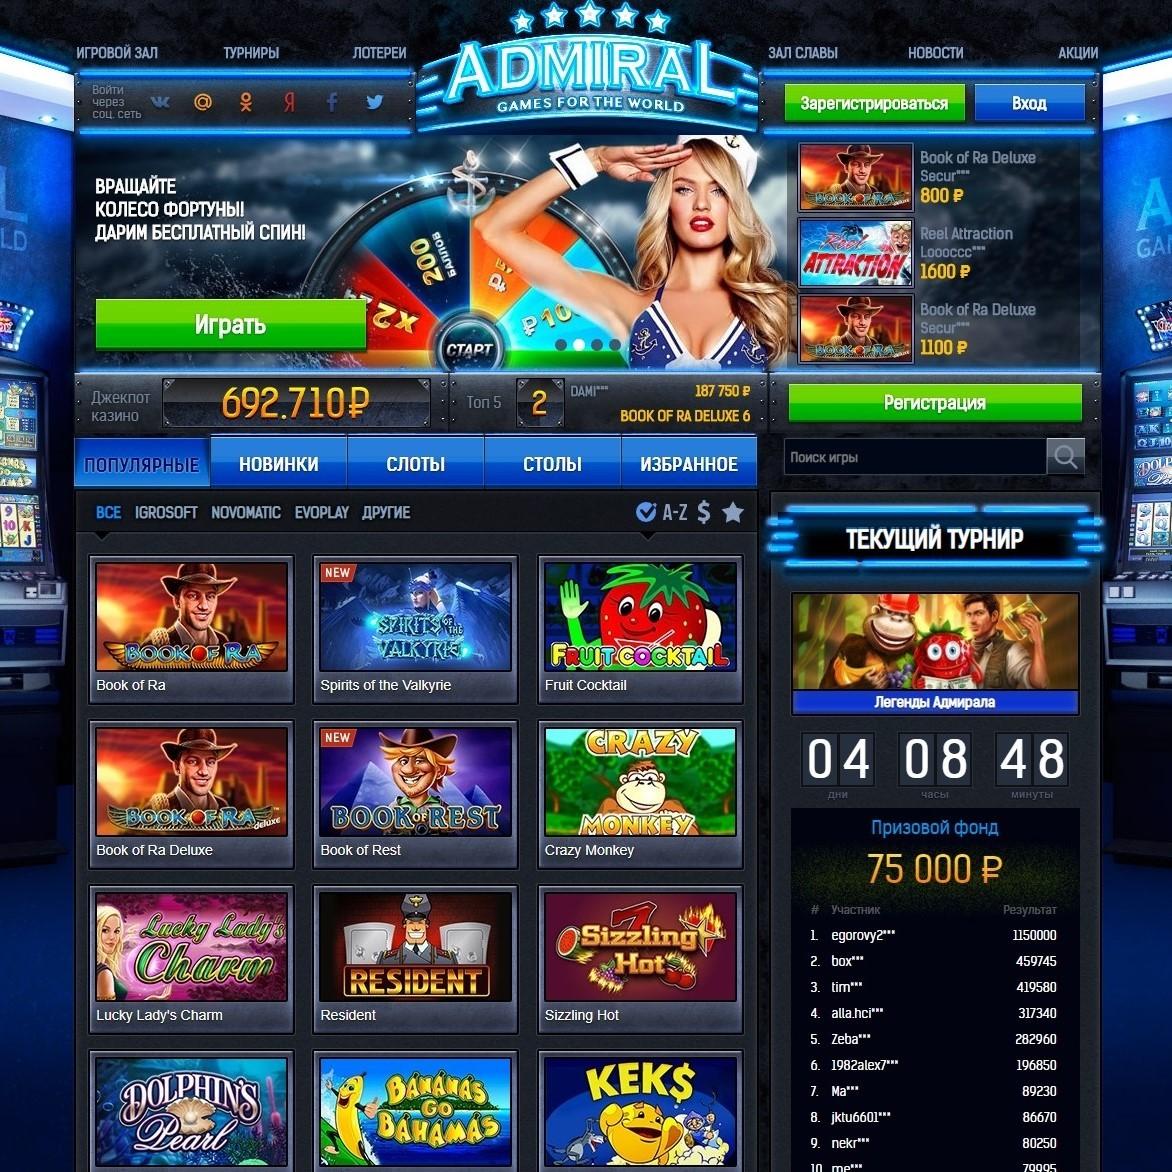 Скачать бесплатно игровые автоматы р играть карты багамы бесплатно